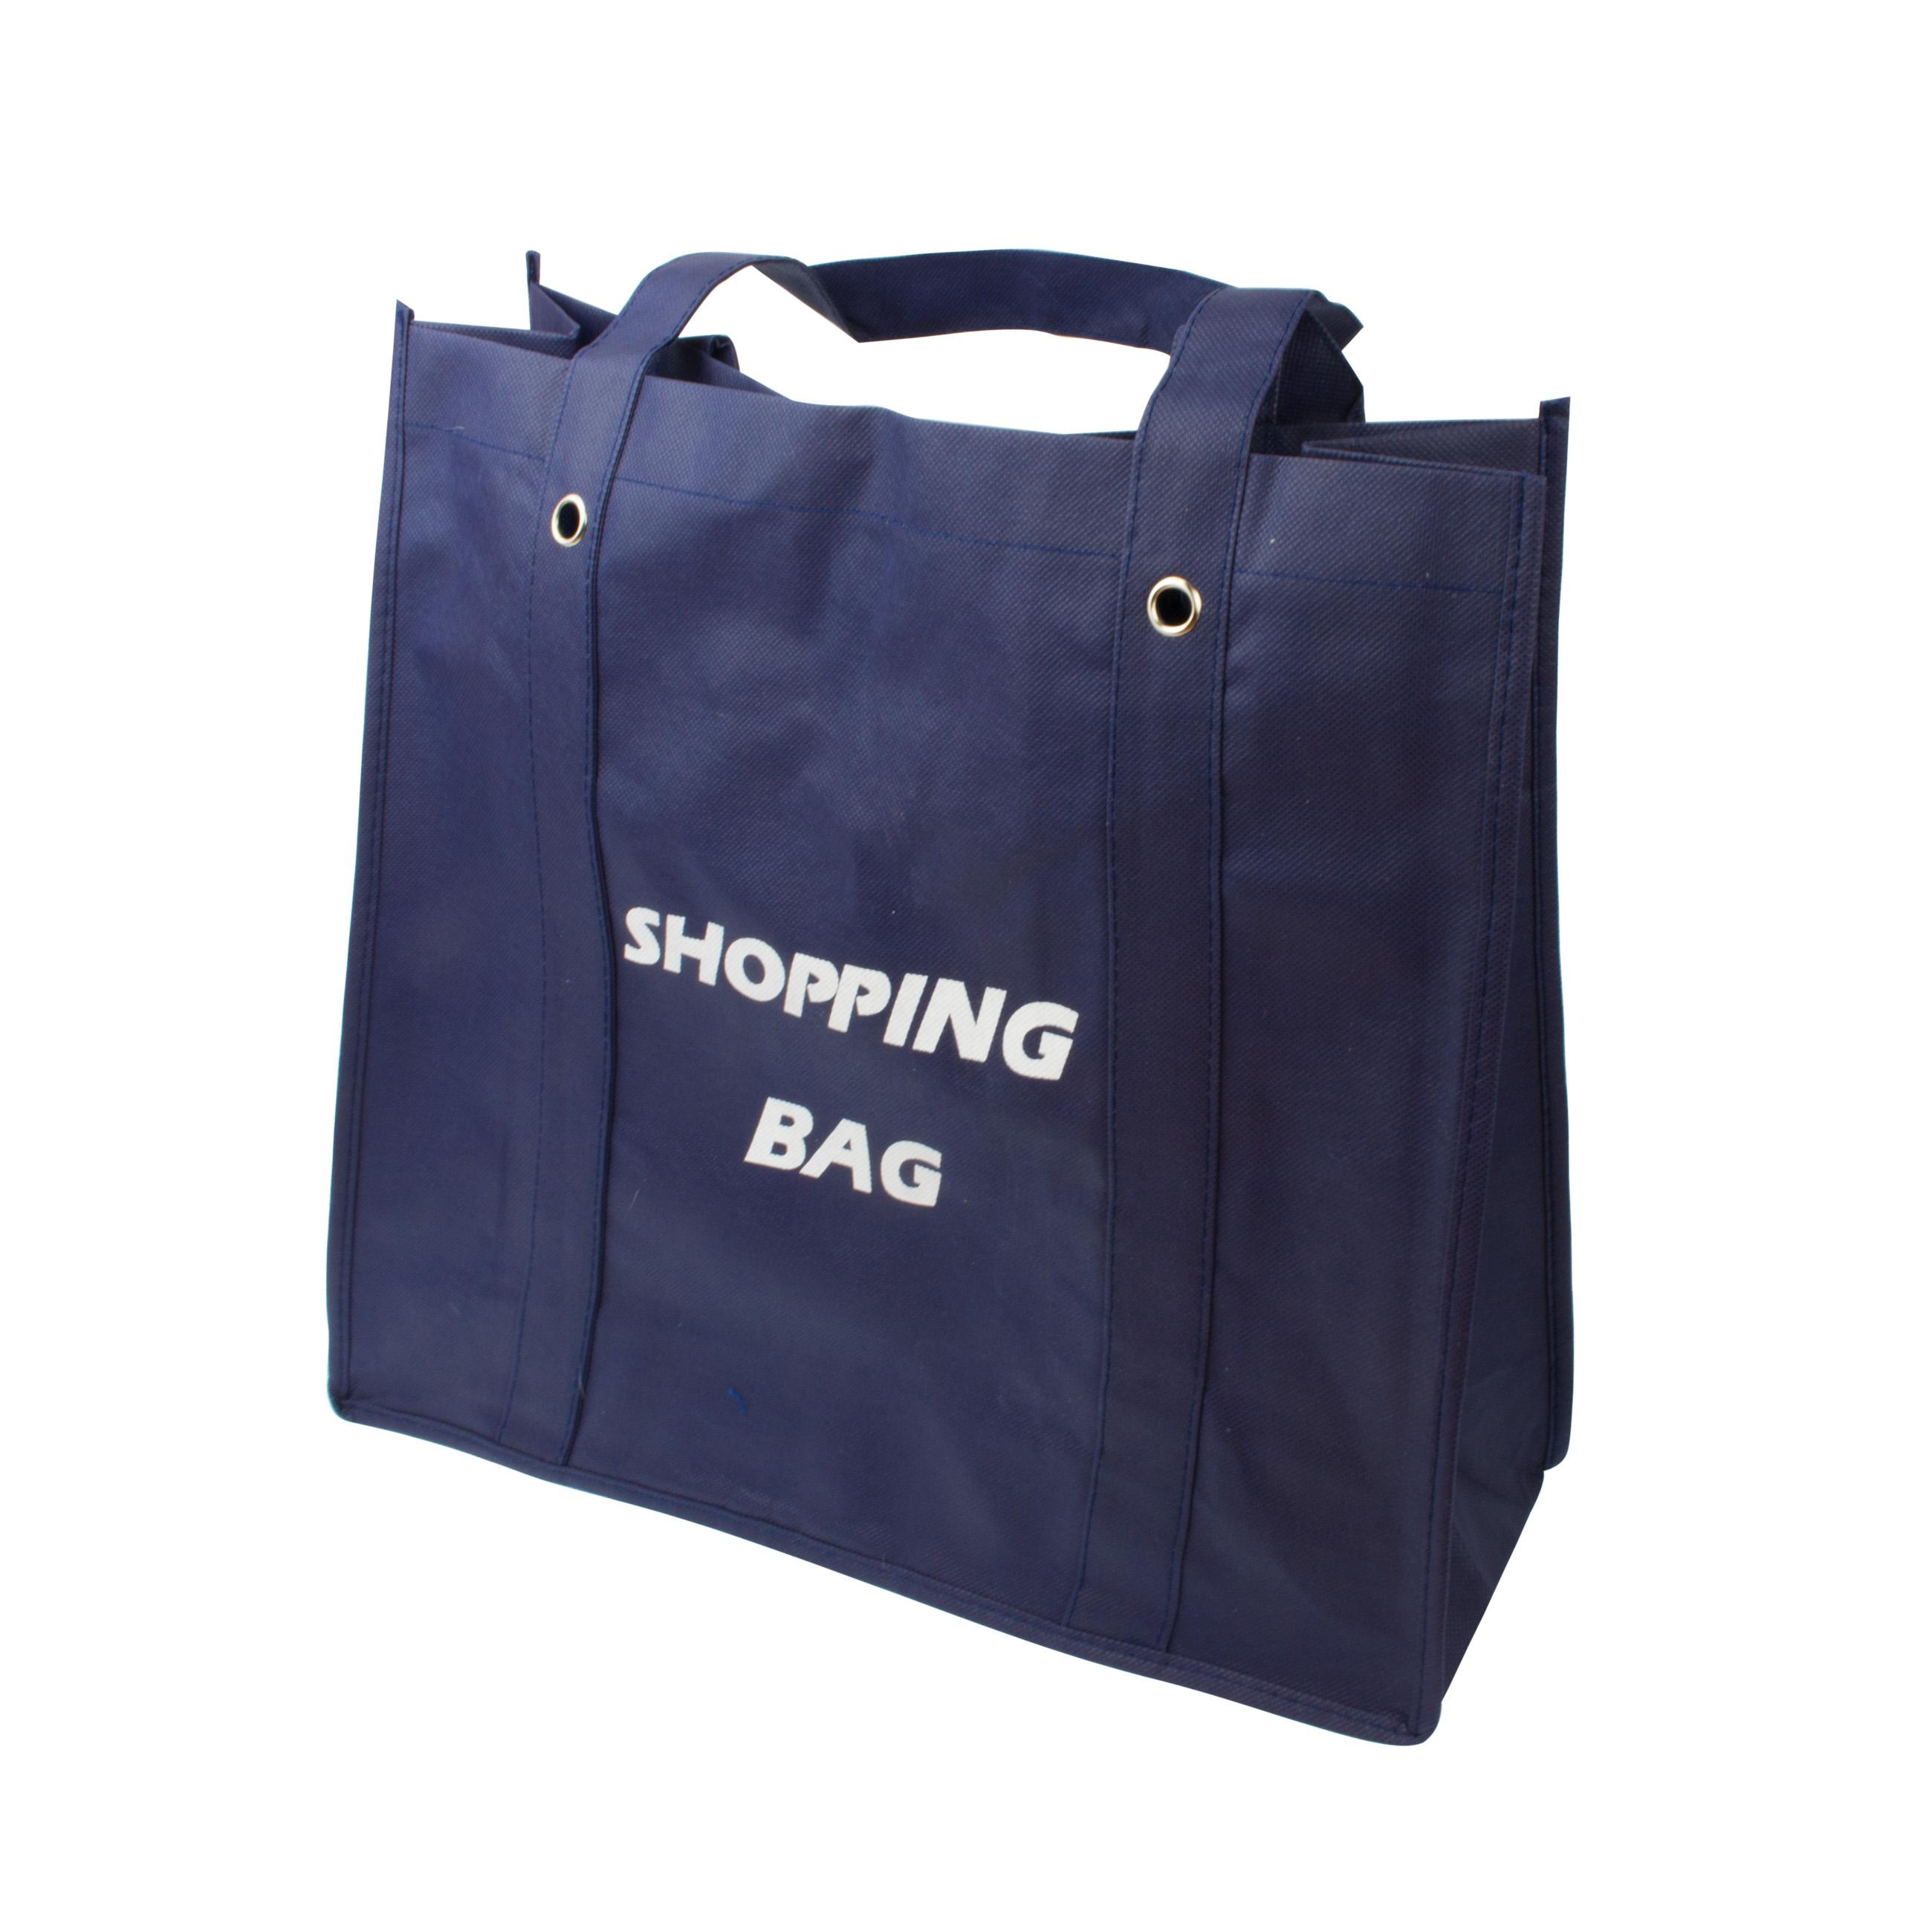 10 einkaufstaschen aus stoff shopping bag f r ihren t glichen einkauf in vier dezenten farben. Black Bedroom Furniture Sets. Home Design Ideas